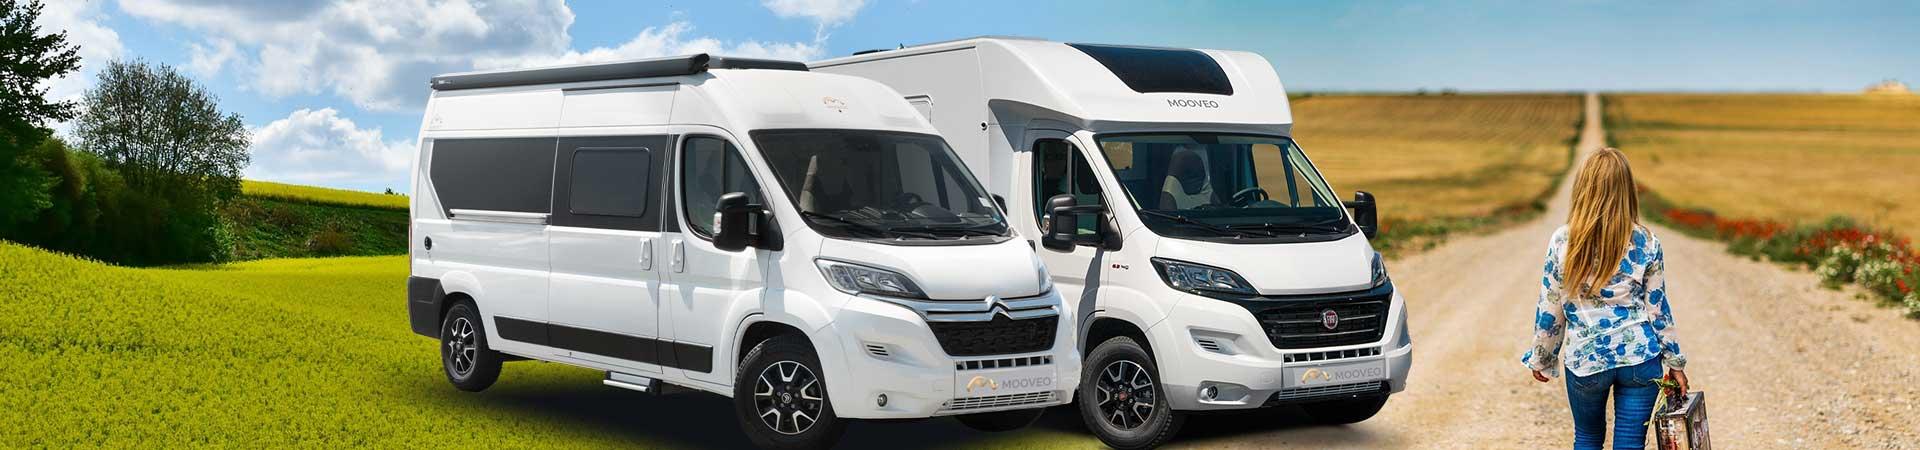 Wohnmobil für 8 Person: kleines Reisemobil allein